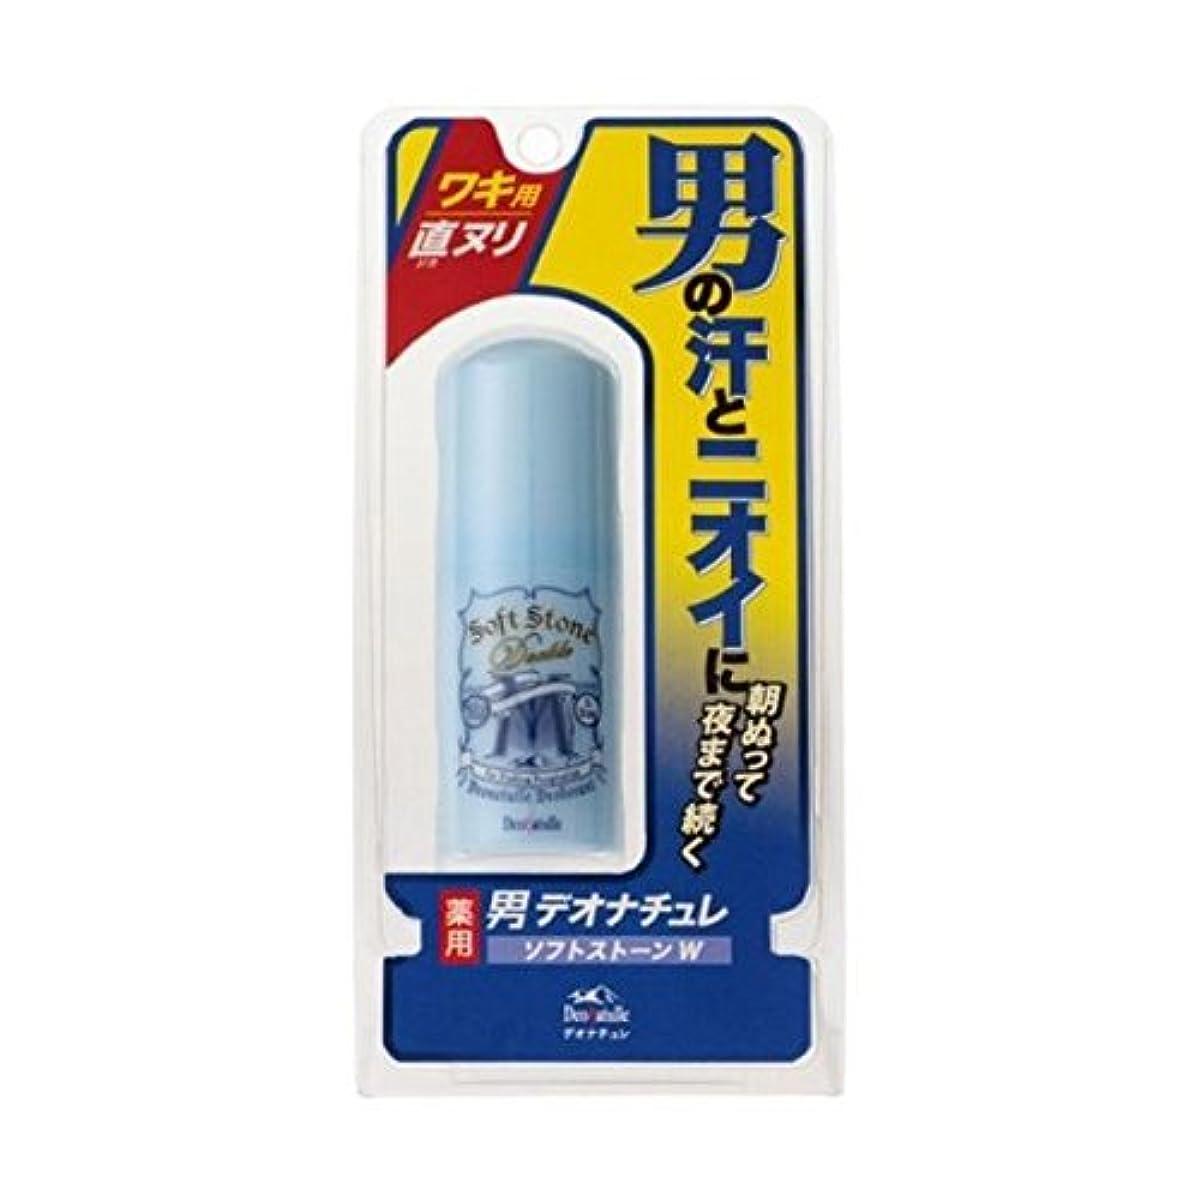 決済モーター中断デオナチュレ 男ソフトストーン20Gx6個